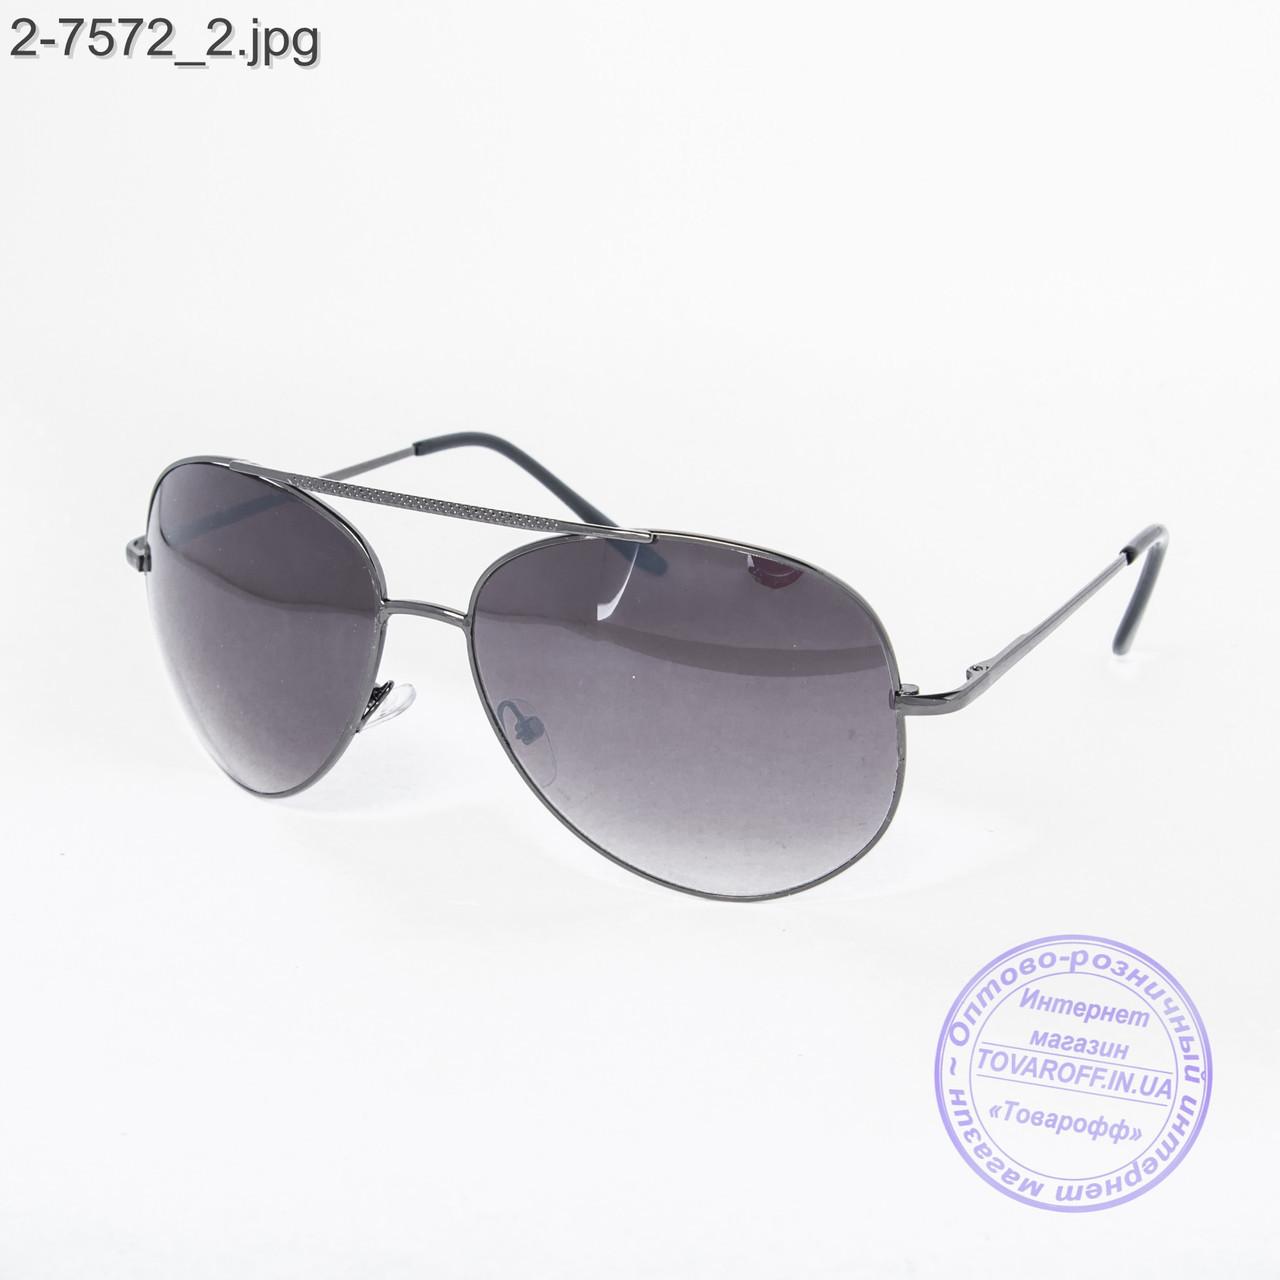 Оптом солнцезащитные очки Авиатор - 2-7572